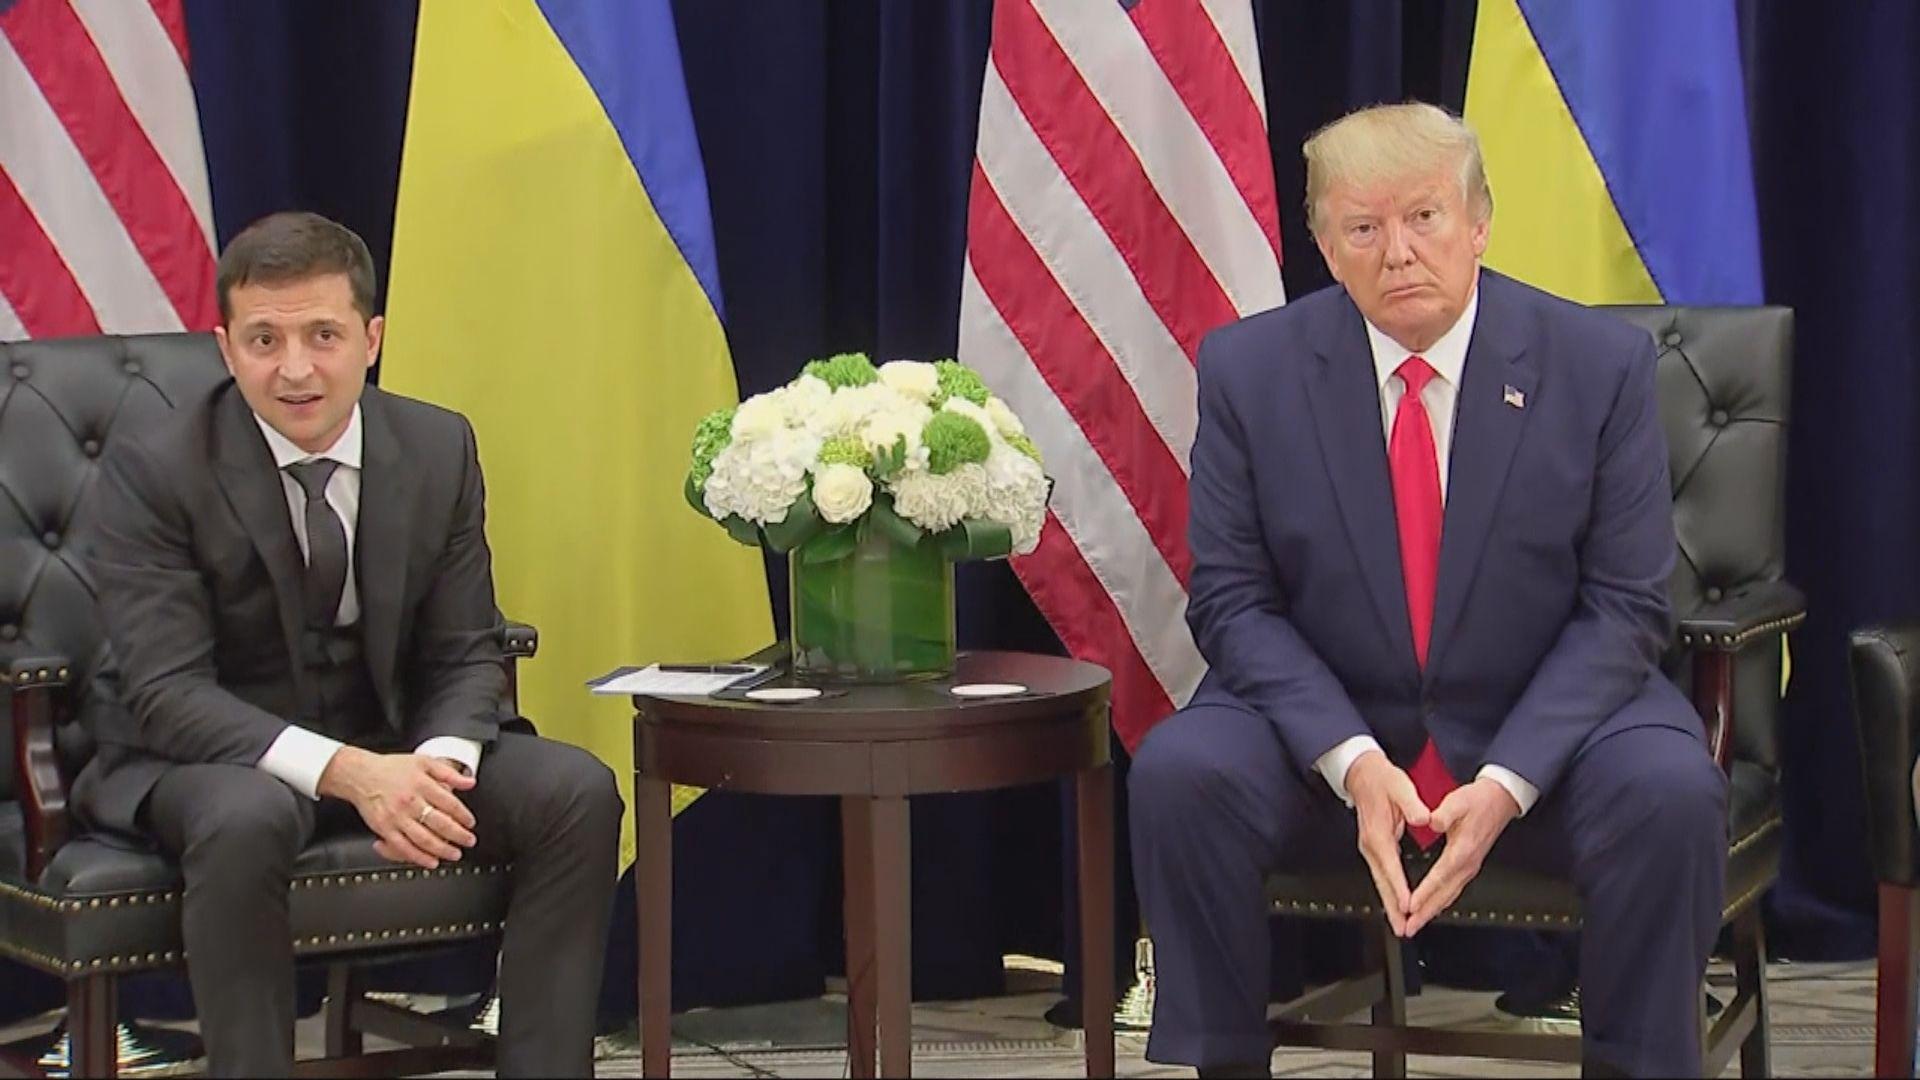 國安官員憂慮特朗普要求烏克蘭查拜登